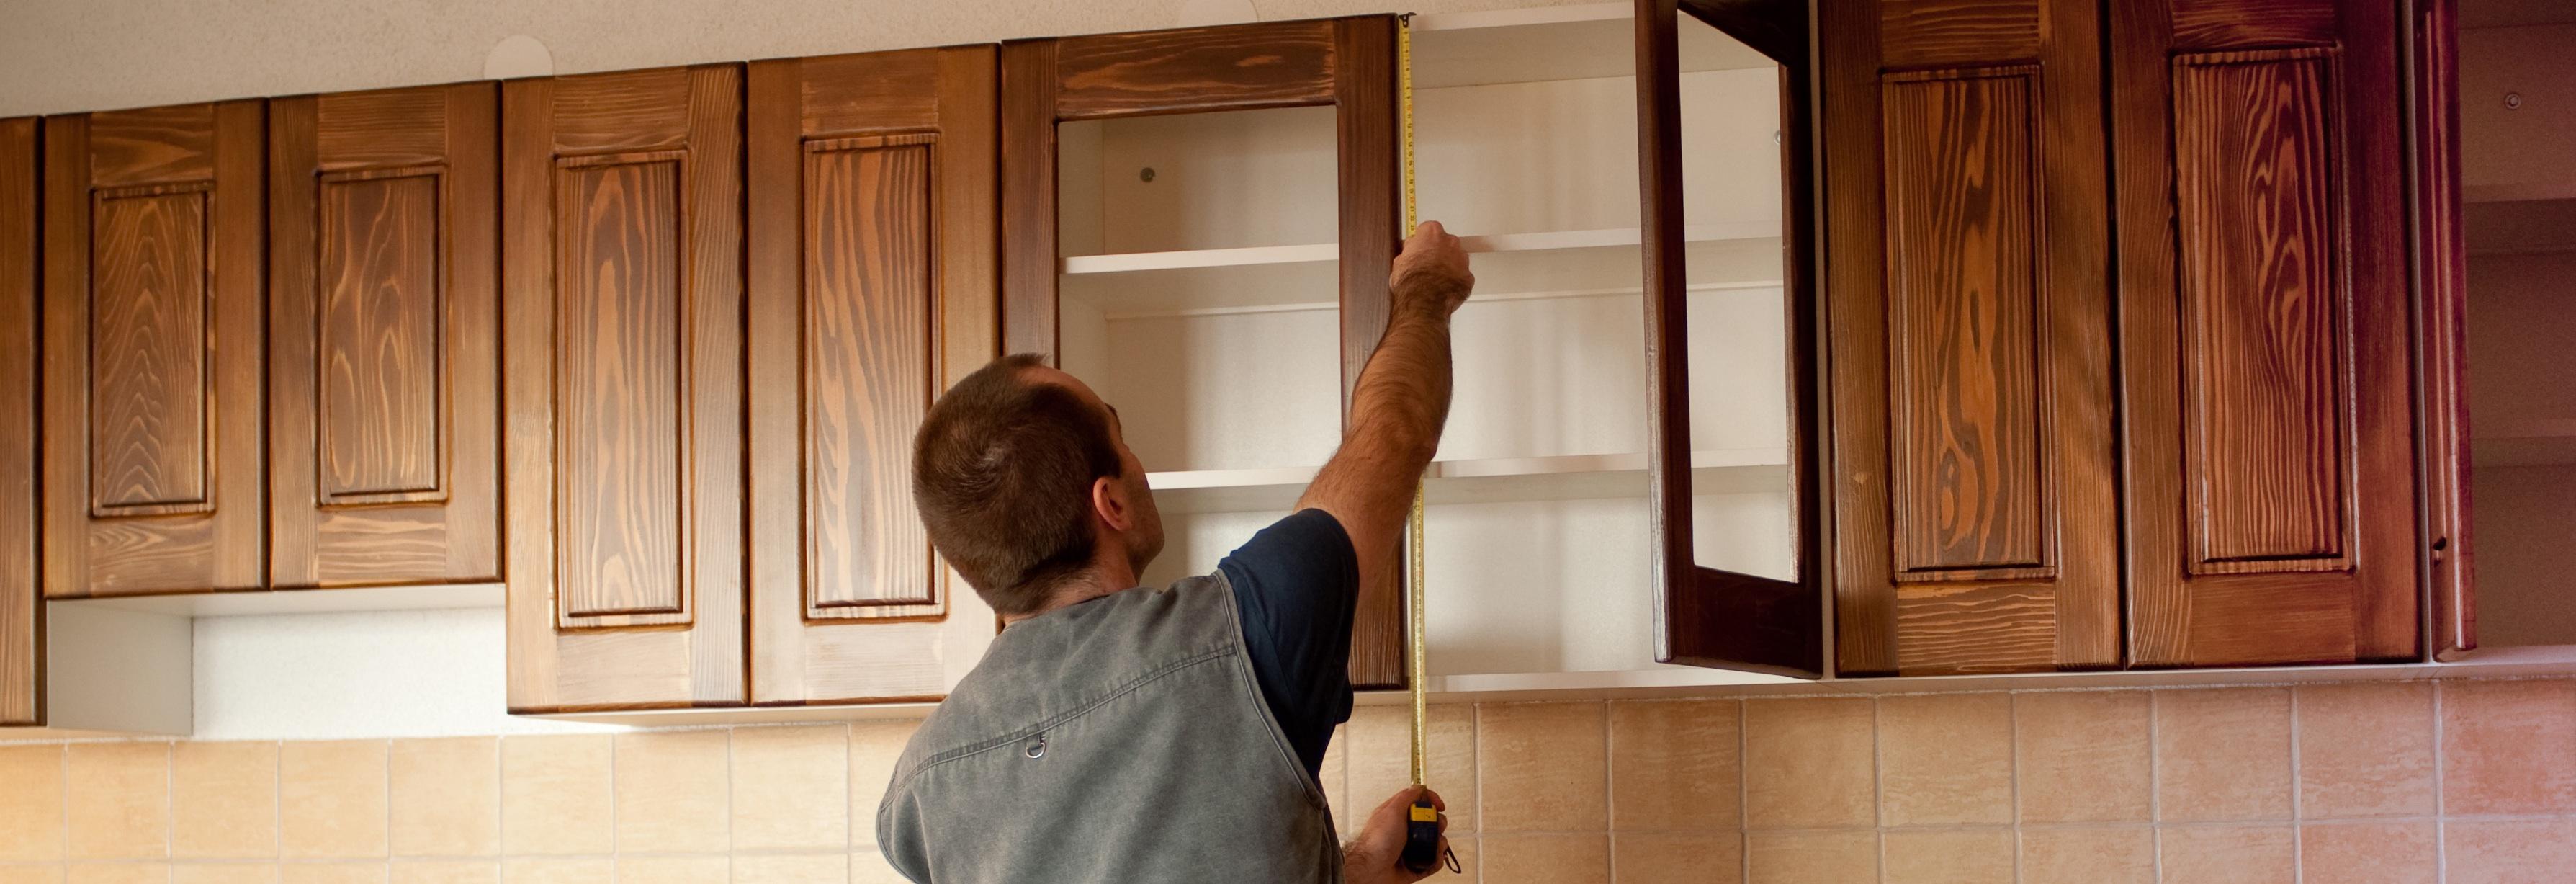 2014 Remodeling Trends Bathroom Remodeling Kitchen Remodeling Asj